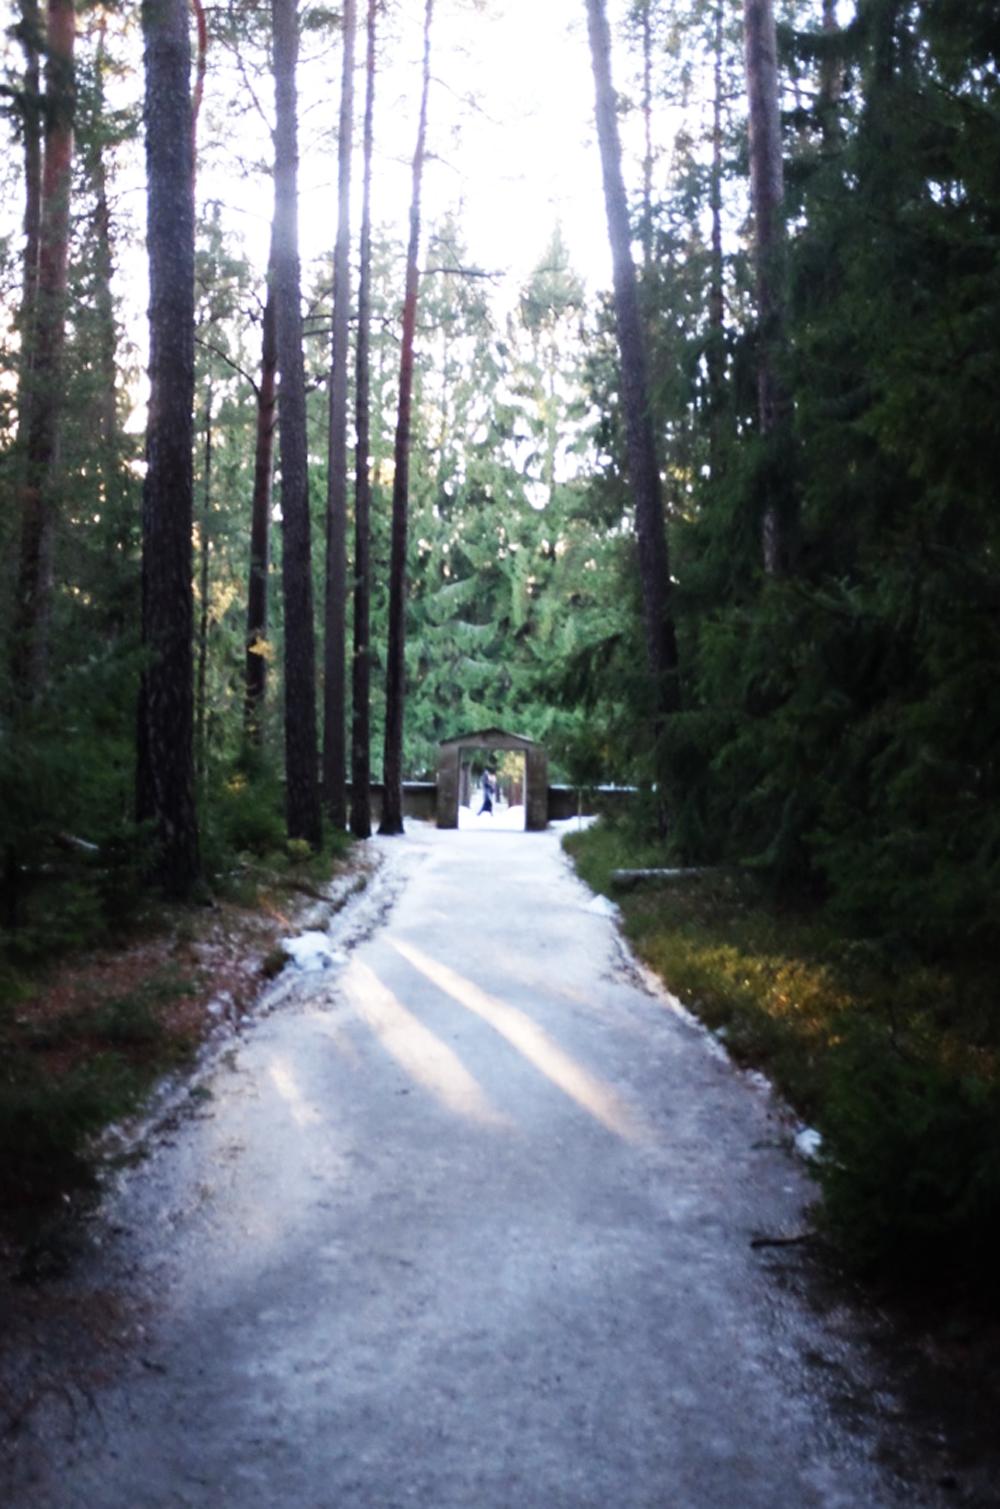 A path in Skogskyrkogården cemetery in Stockholm